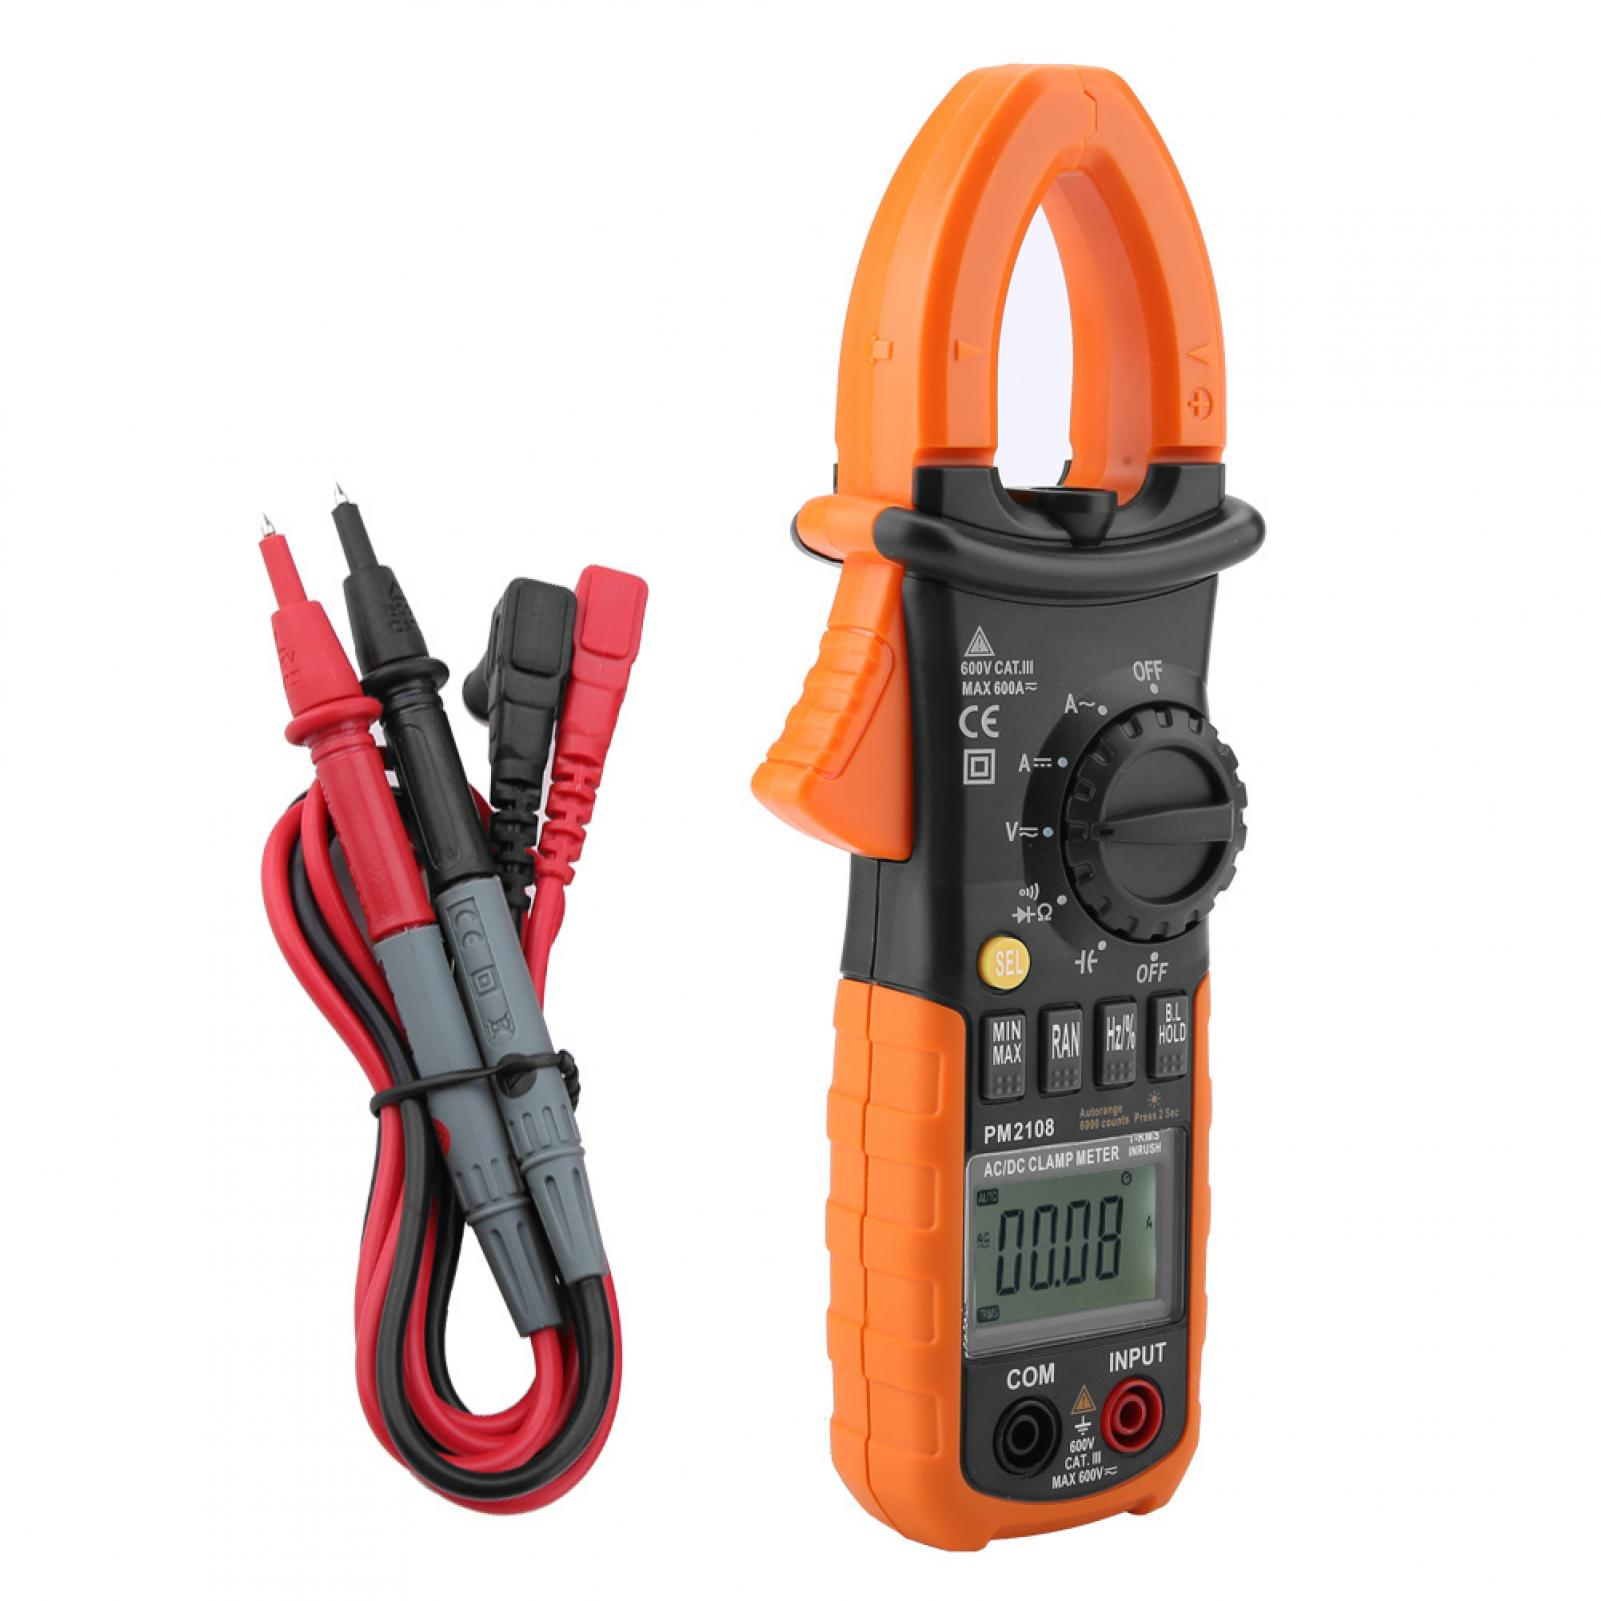 PEAKMETER-Portable-Digital-Clamp-Meter-Handheld-Multimeter-Resistance-